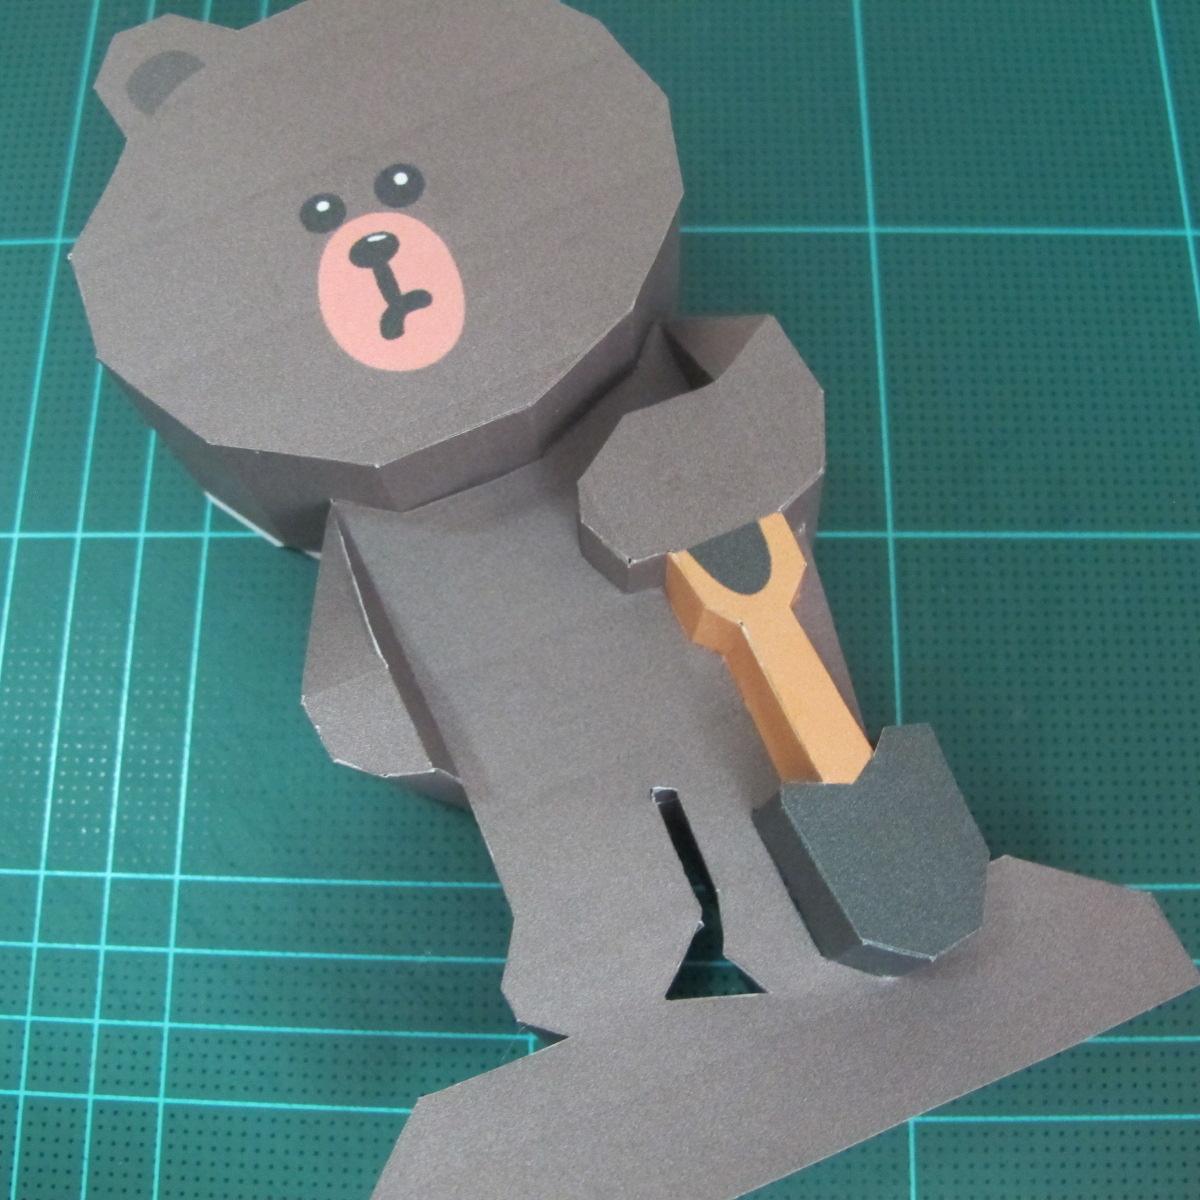 วิธีทำโมเดลกระดาษ ตุ้กตาไลน์ หมีบราวน์ ถือพลั่ว (Line Brown Bear With Shovel Papercraft Model -「シャベル」と「ブラウン」) 022